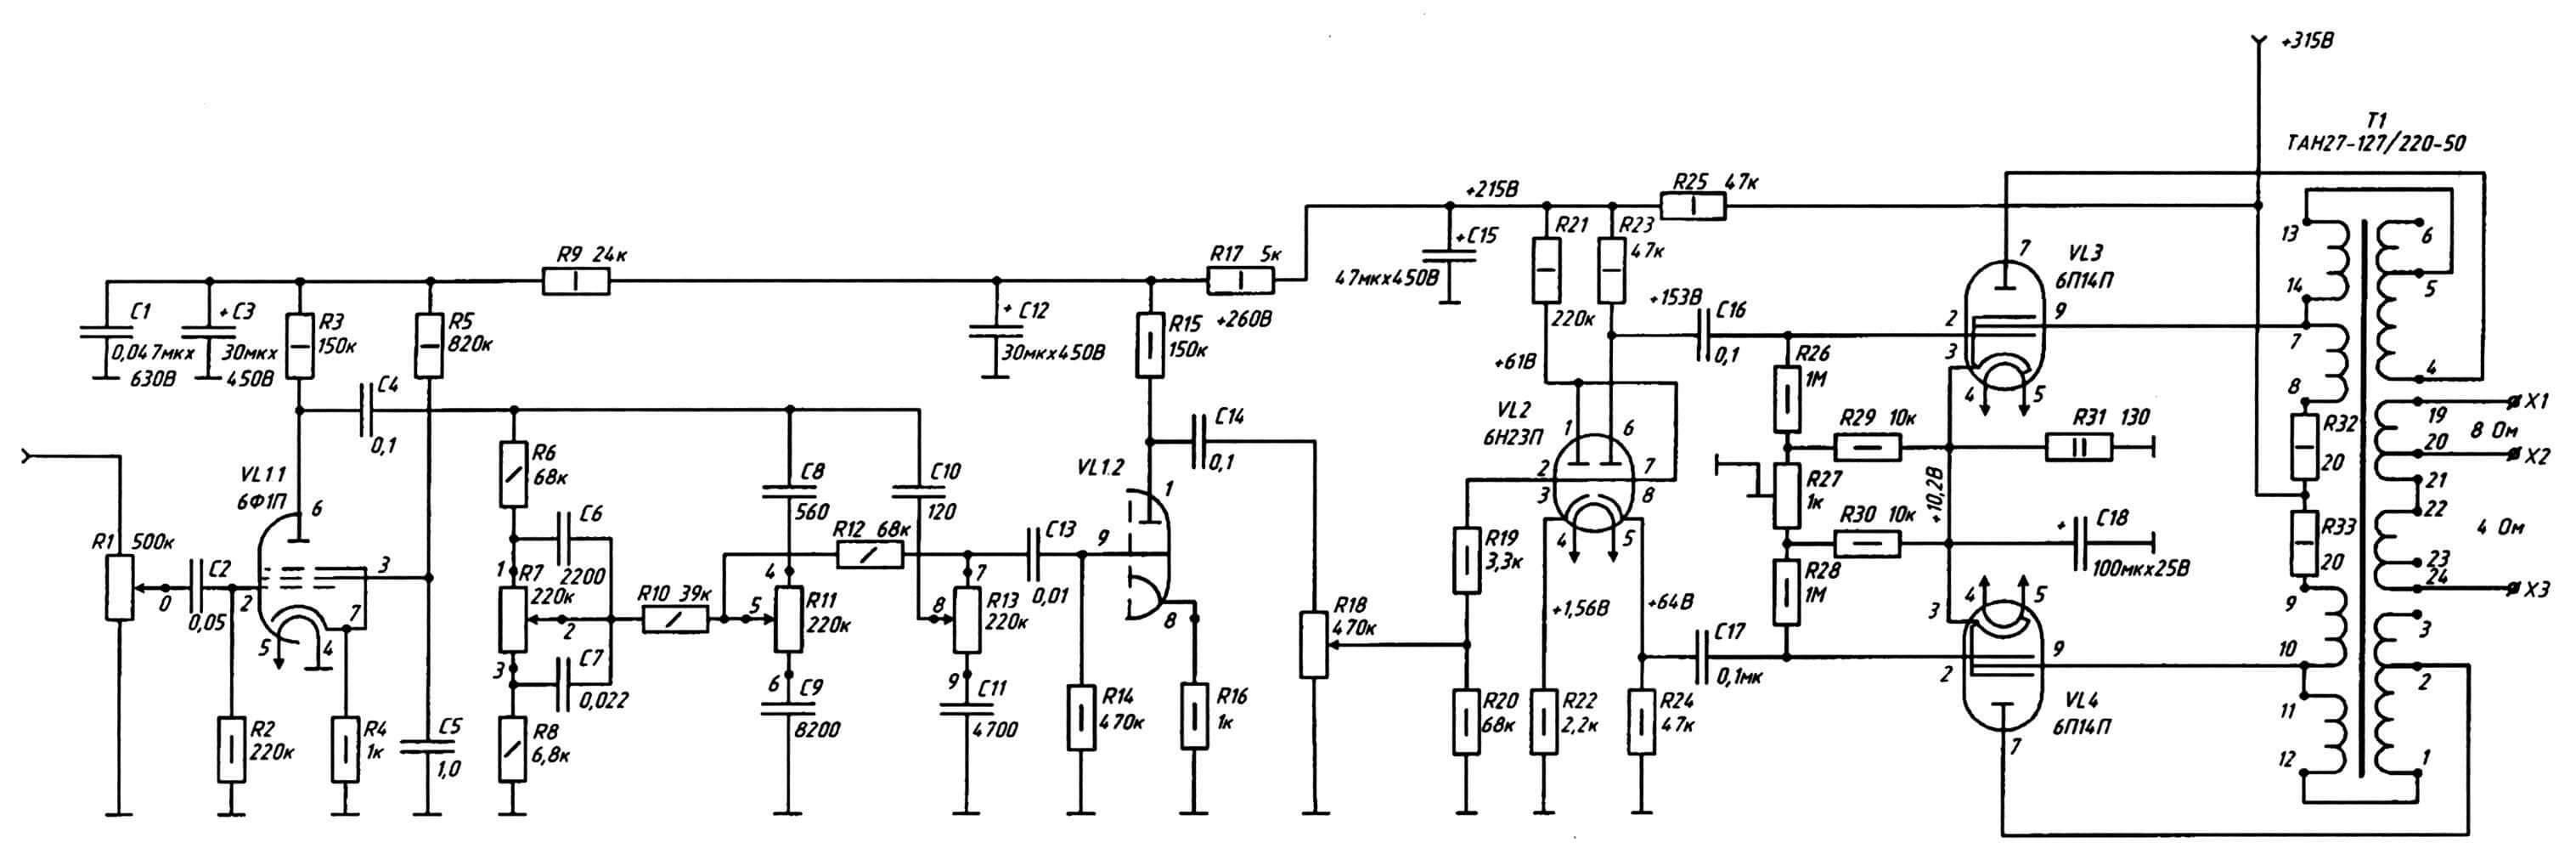 Принципиальная схема двухтактного ультралинейного усилителя мощности низкой частоты с лампами 6П14П